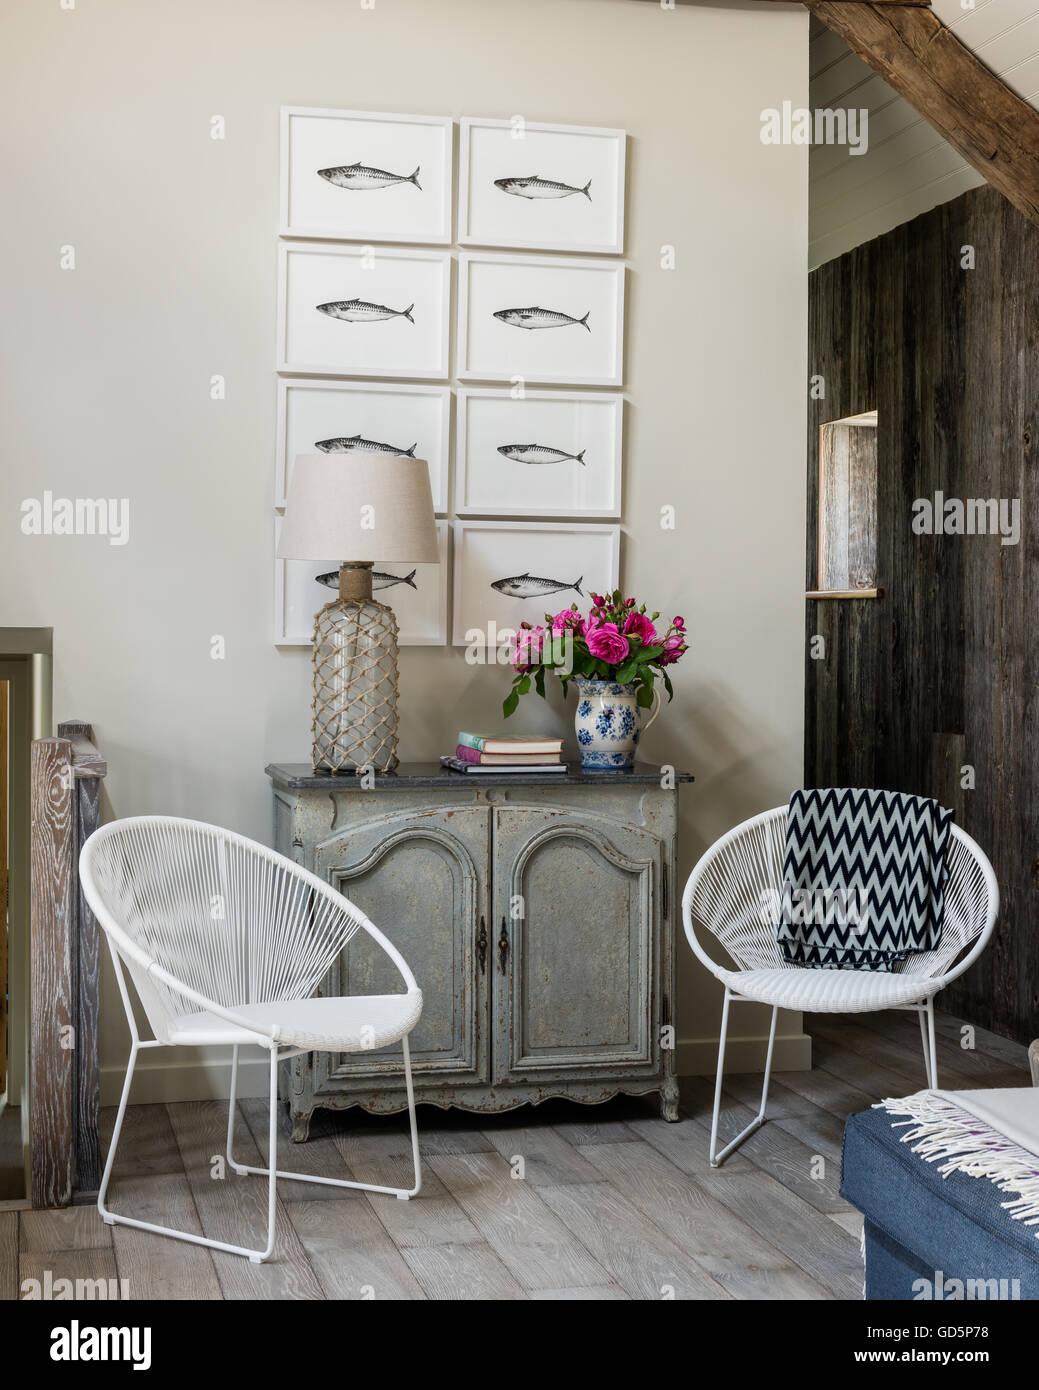 Plume et encre, dessins de maquereau par Kate Stein sur mur de cottage salon avec toit en pente. Les chaises blanches Photo Stock